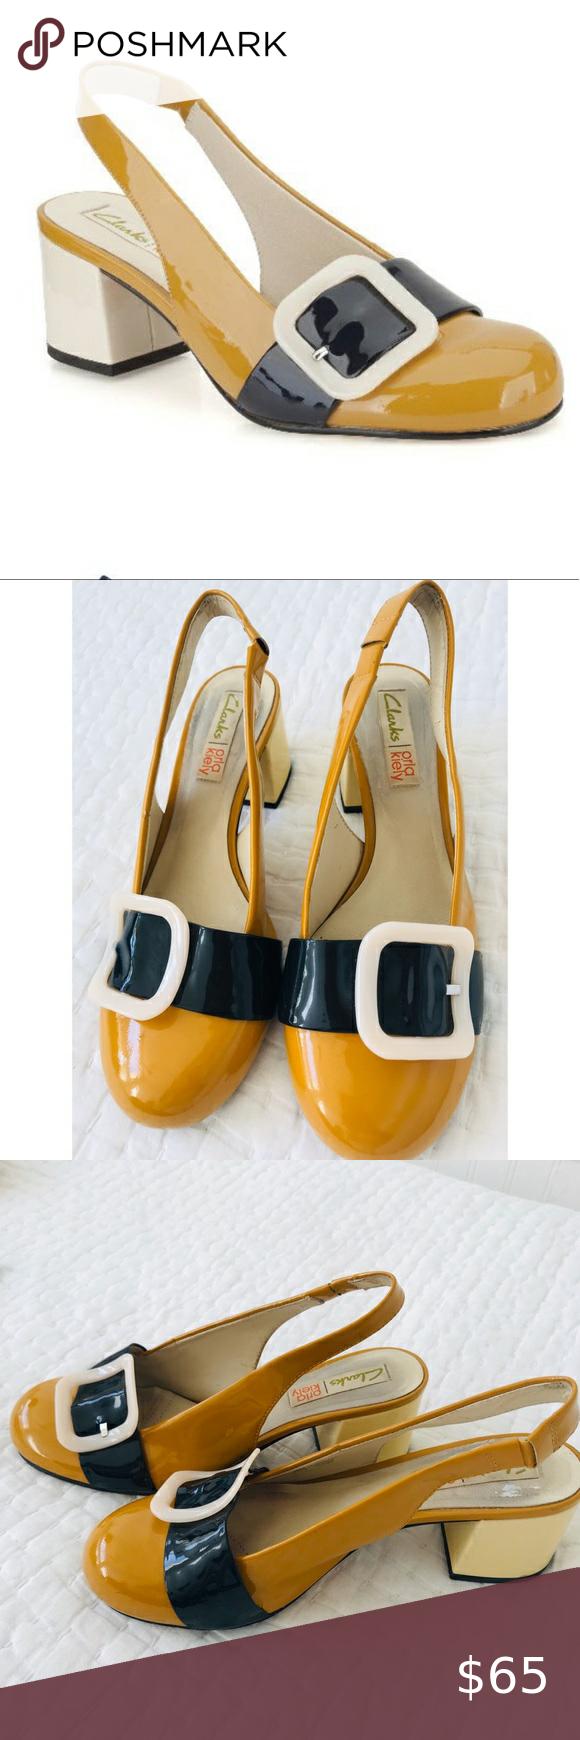 Contento años Caducado  Clarks Orla Kiely Shoes US Size 7 in 2020 | Orla kiely shoes, Shoes, Clarks